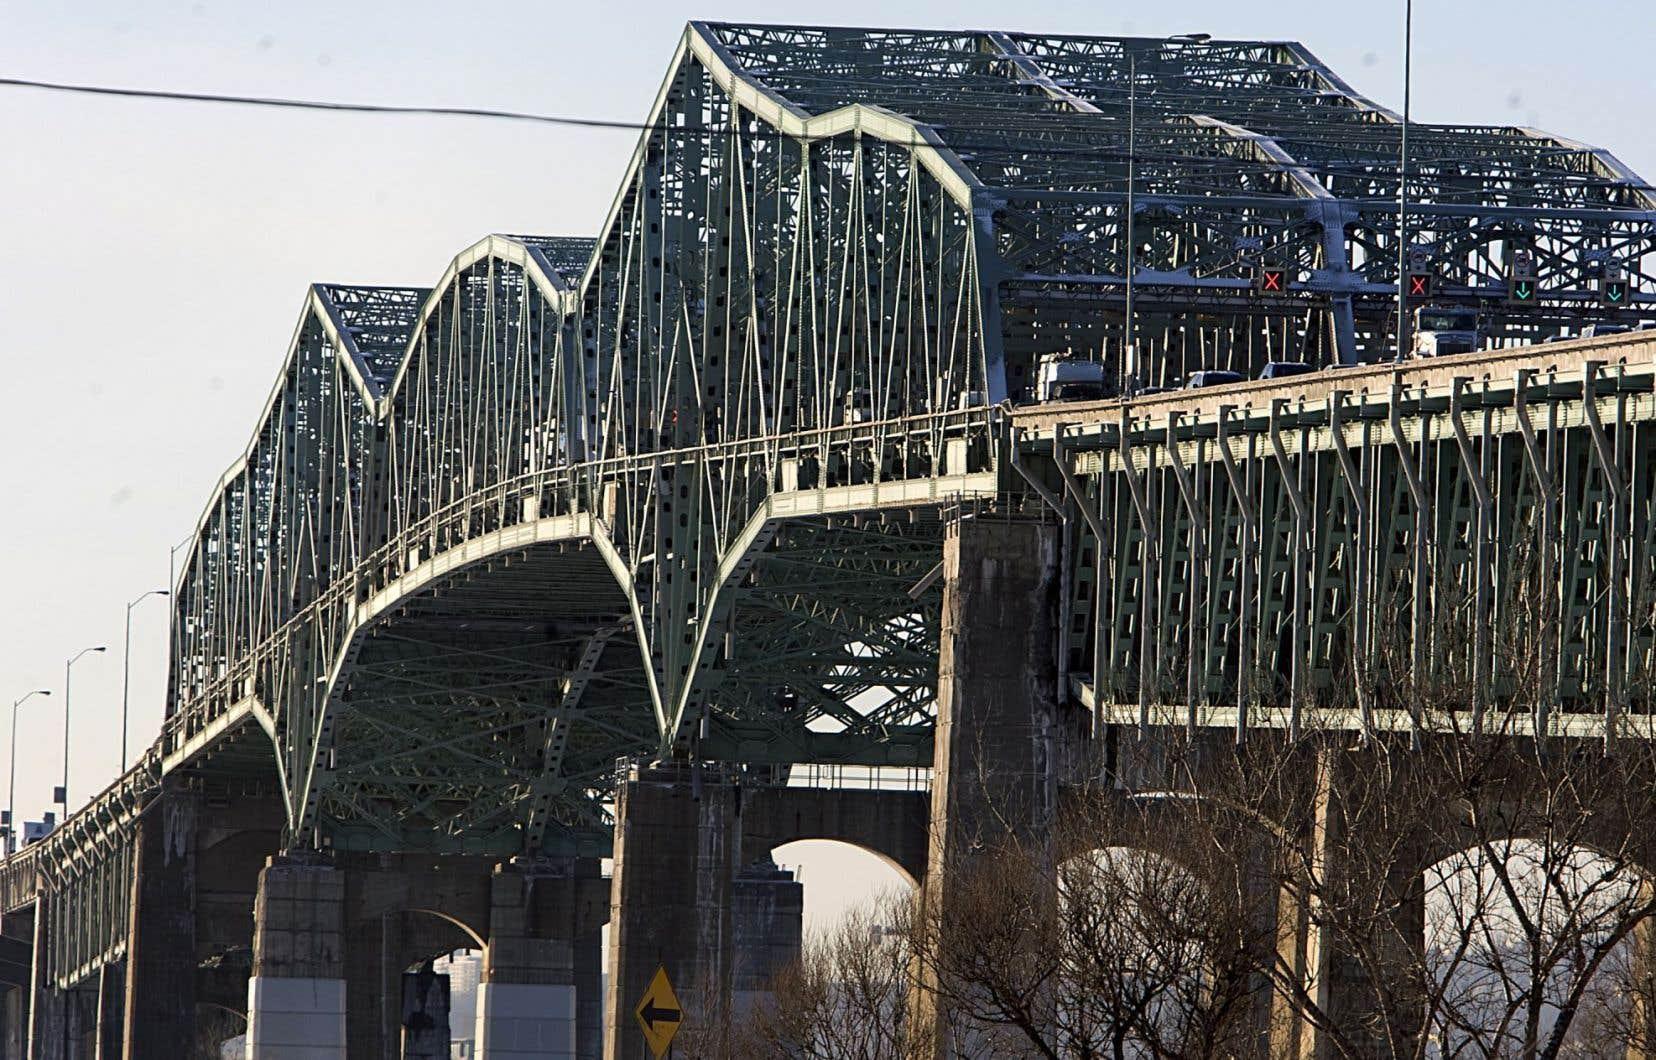 La déconstruction du vieux pont Champlain devrait prendre environ trois ans et se terminer en 2022.